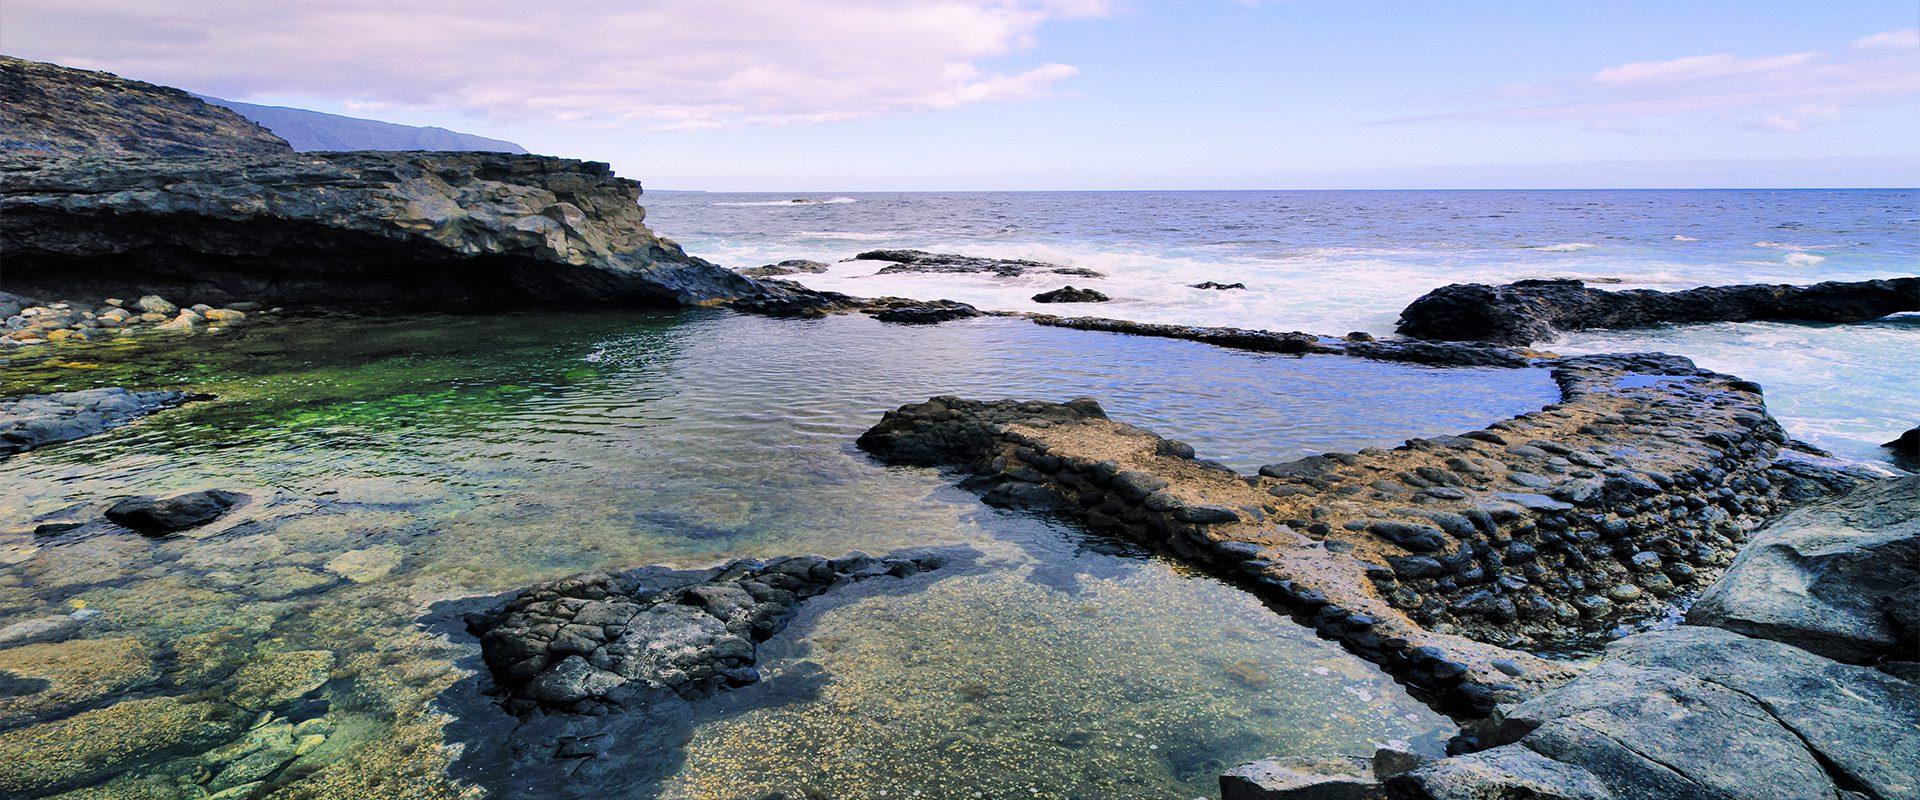 El charco azul: una piscina natural de aguas turquesa